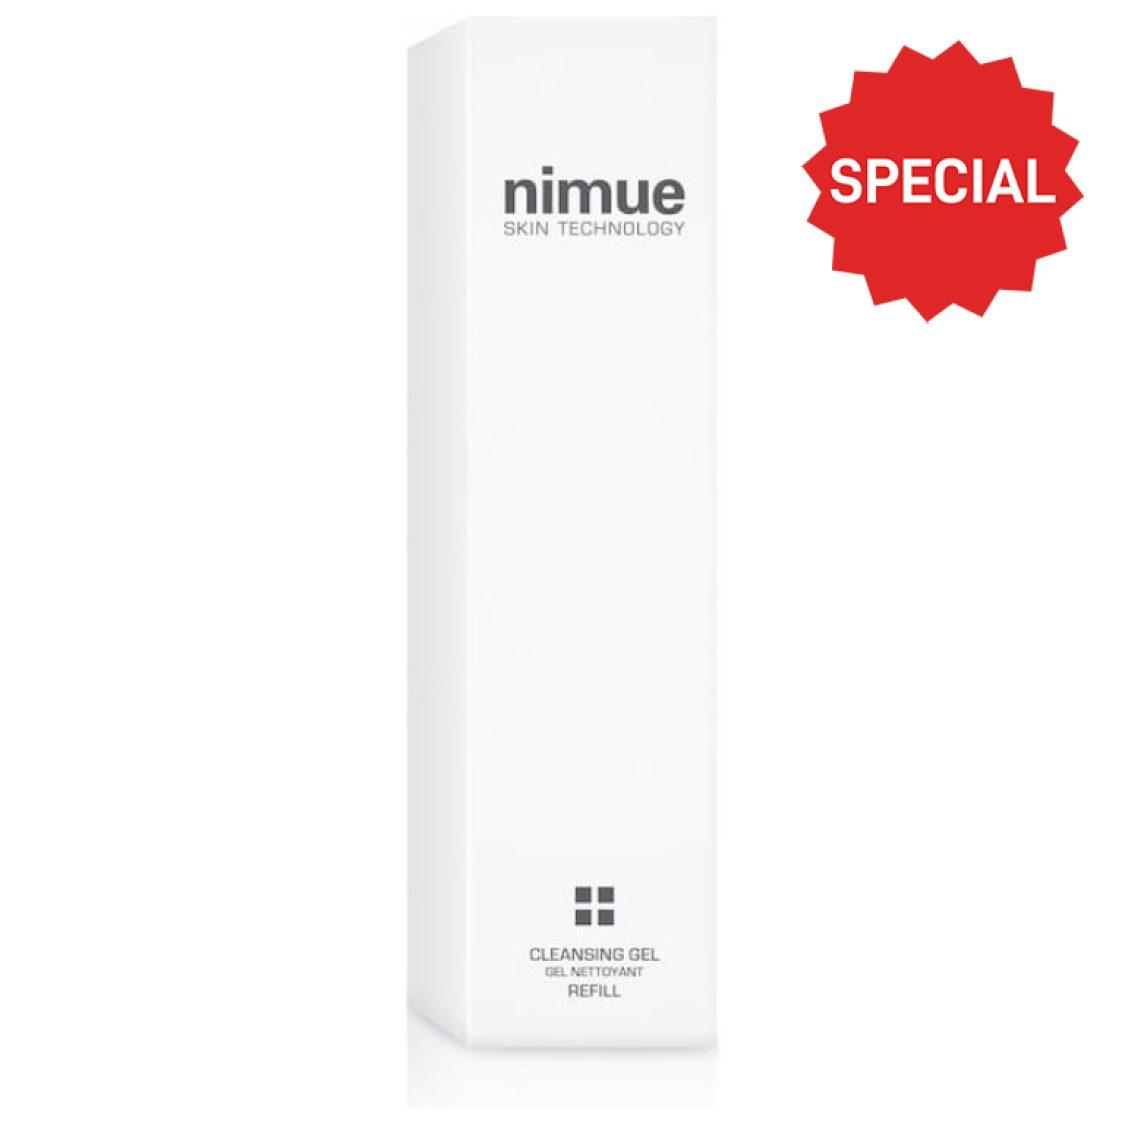 Nimue -  Cleansing Gel 140ml - Refill